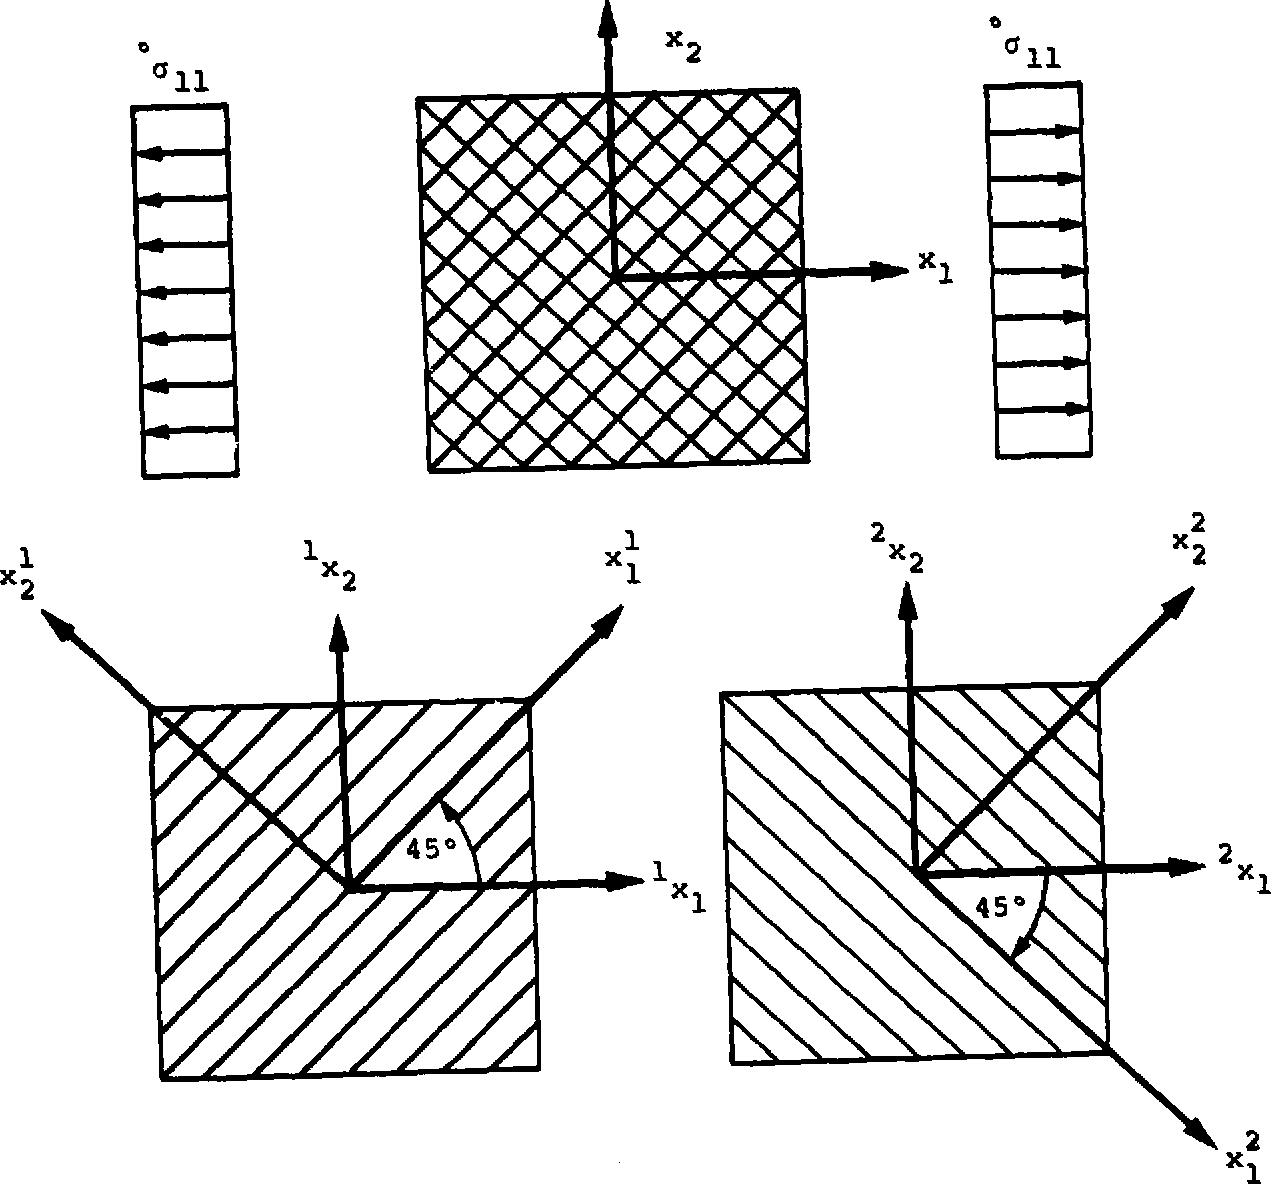 Figure 3. i45O Laminate